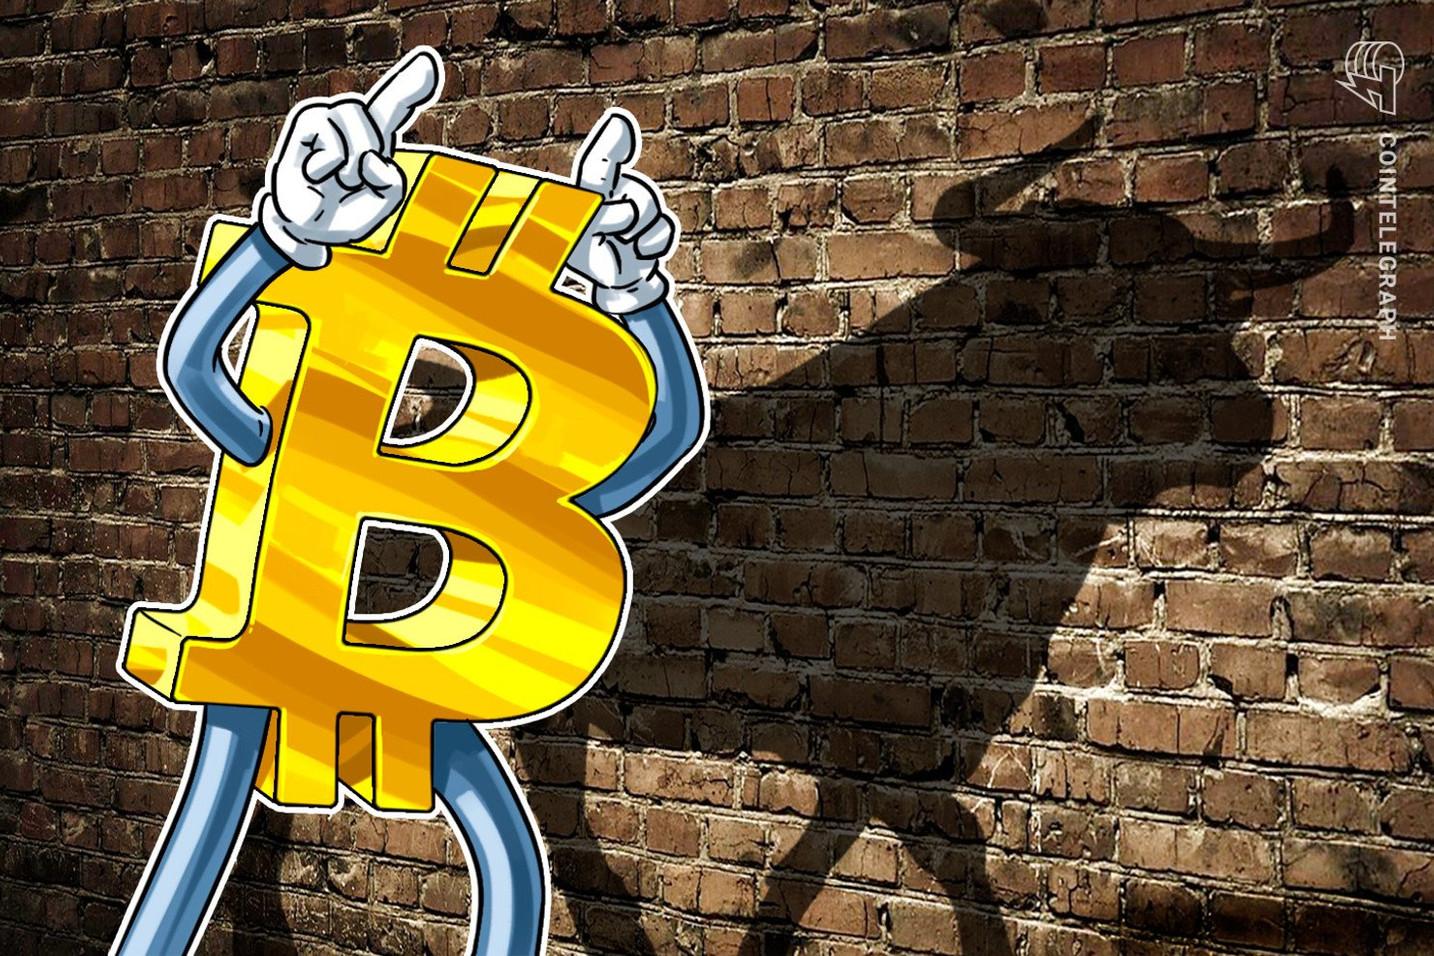 「美しい反発」ビットコイン、調整は終わりか?【仮想通貨相場】